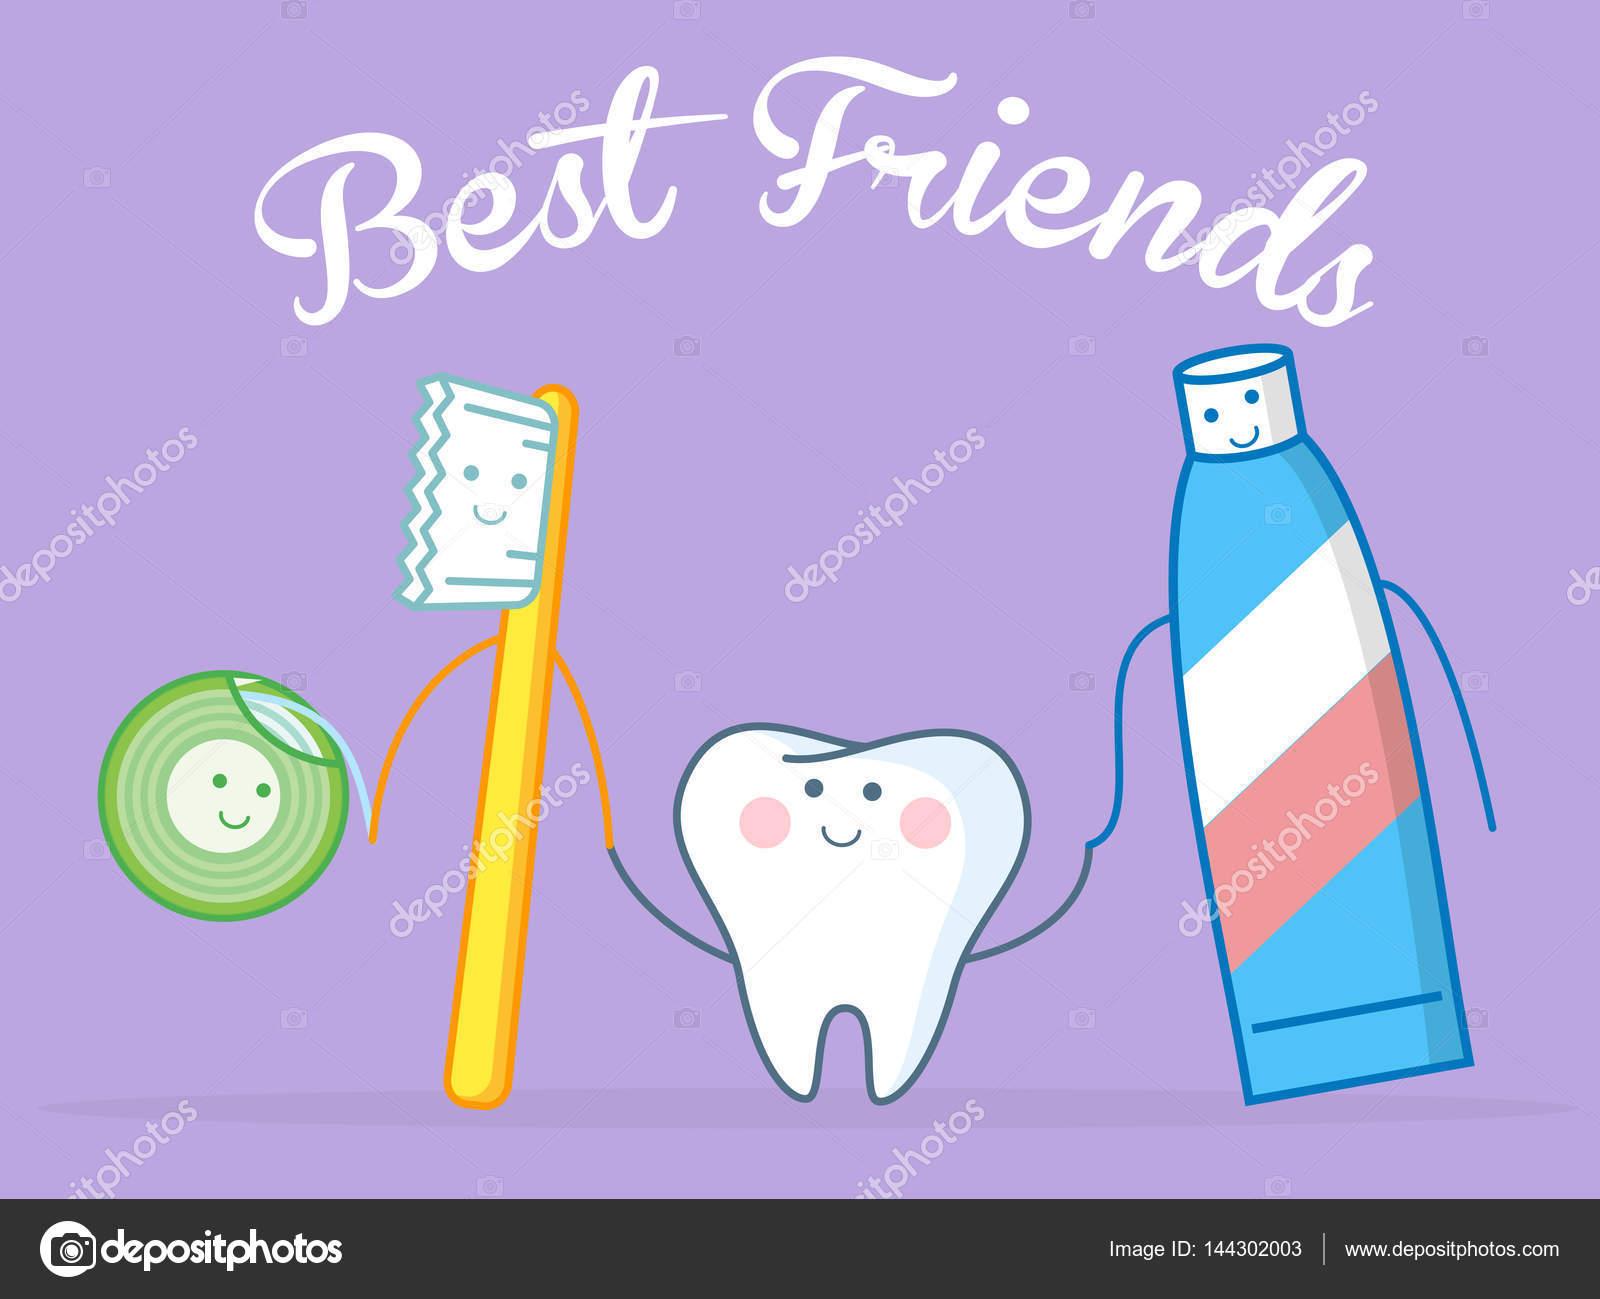 add0addc9 Conceito de higiene. Toothcare coisas. Pasta de dente fio dental  anti-séptico bucal escova o dente. Ilustração vetorial engraçado — Vetor de  ...